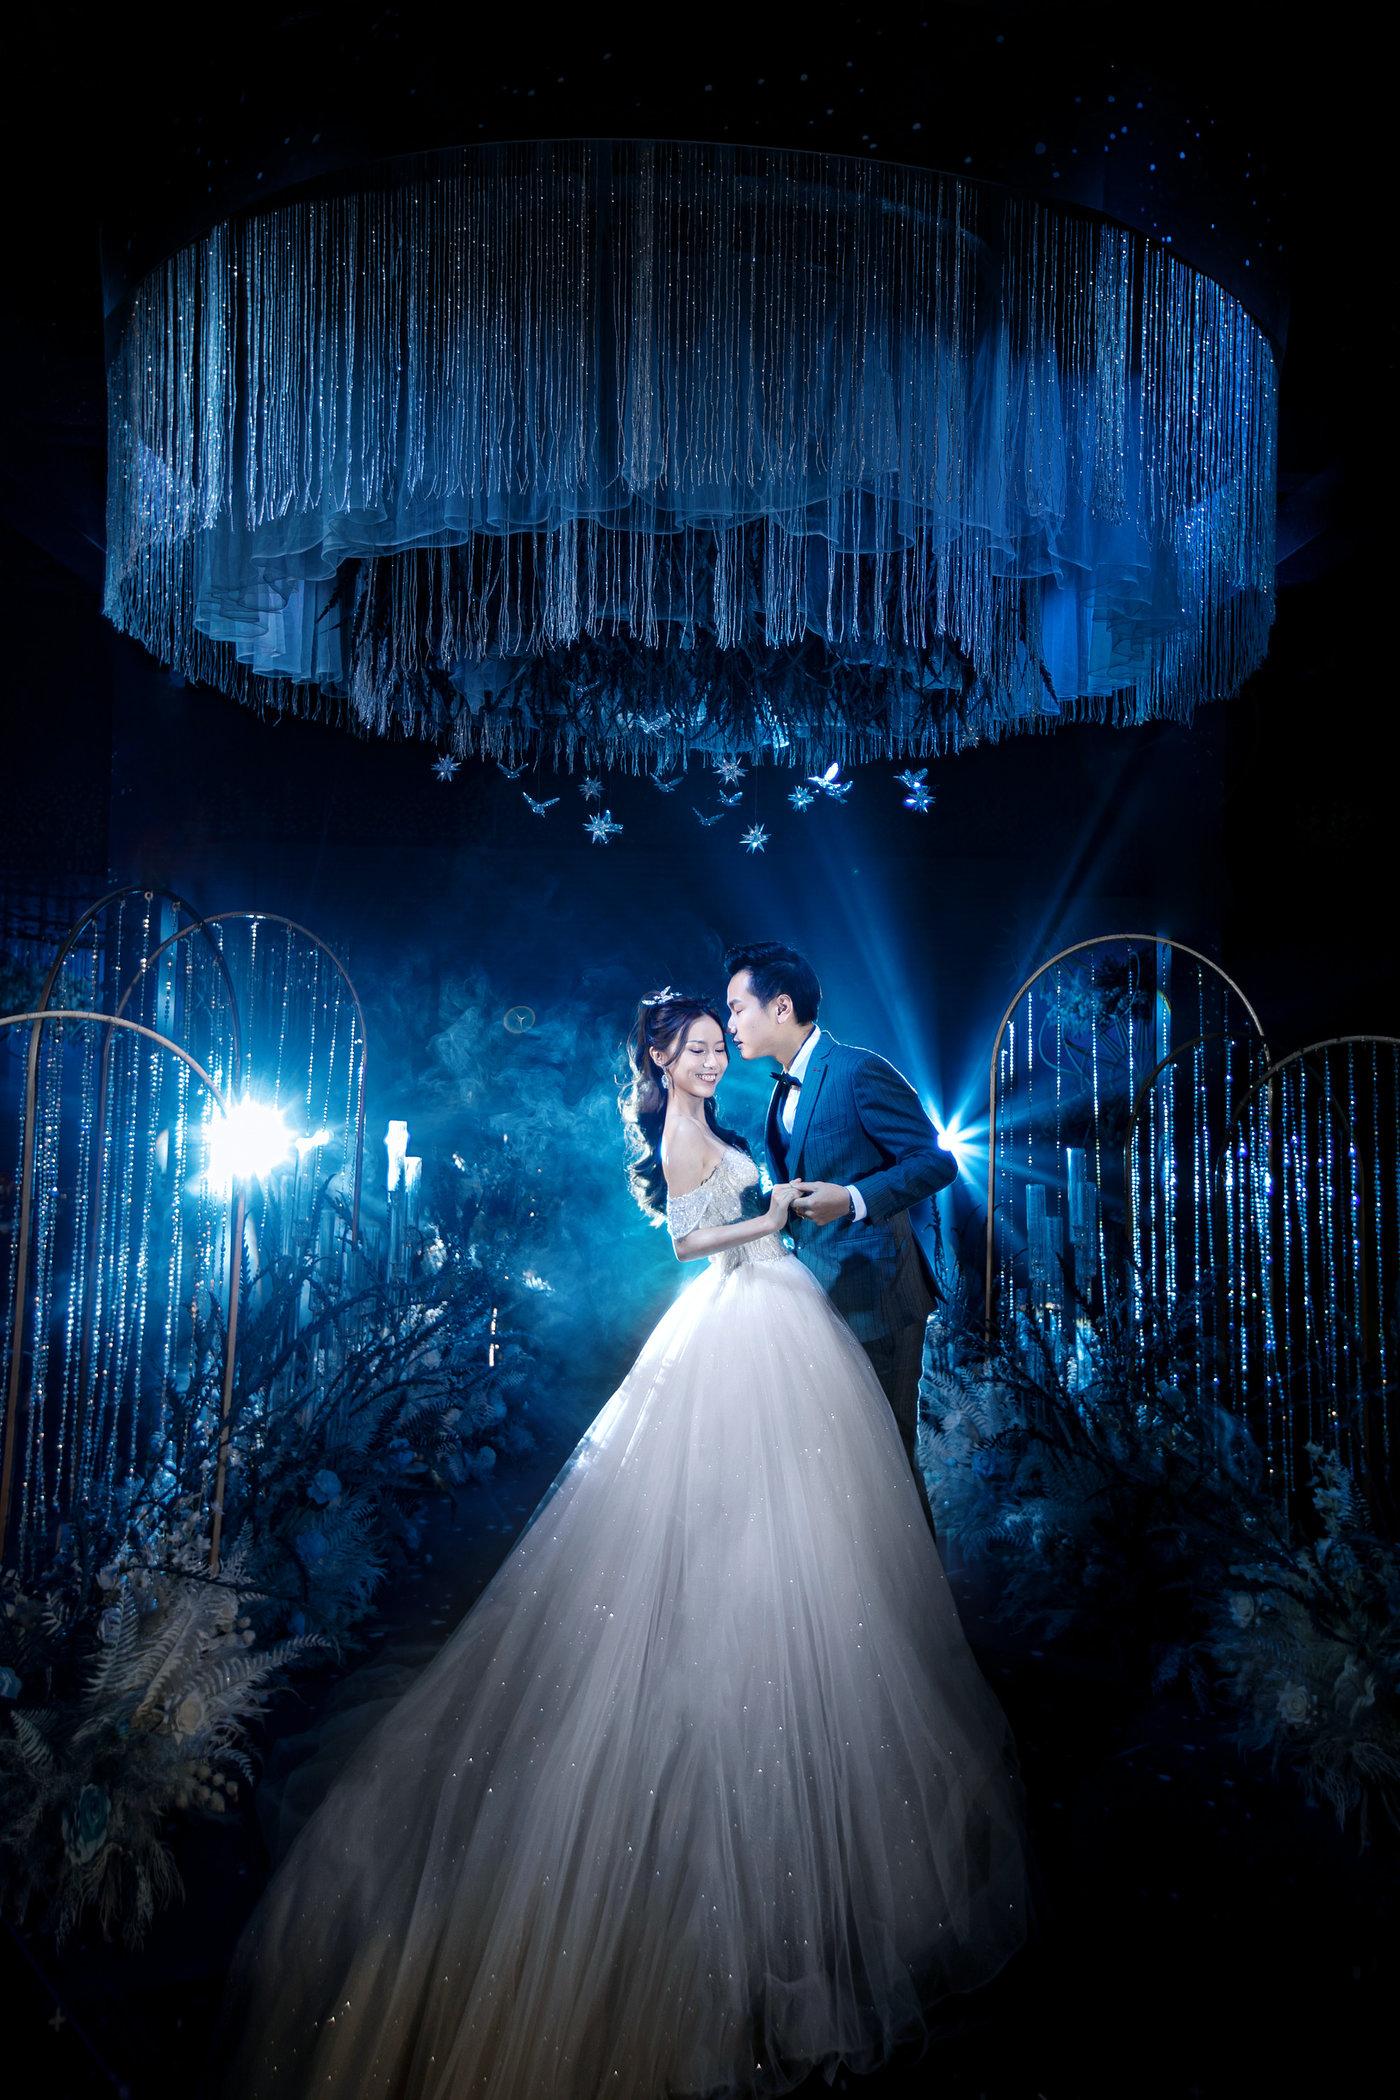 婚礼-嗑食星粒/摘新月牙剔31